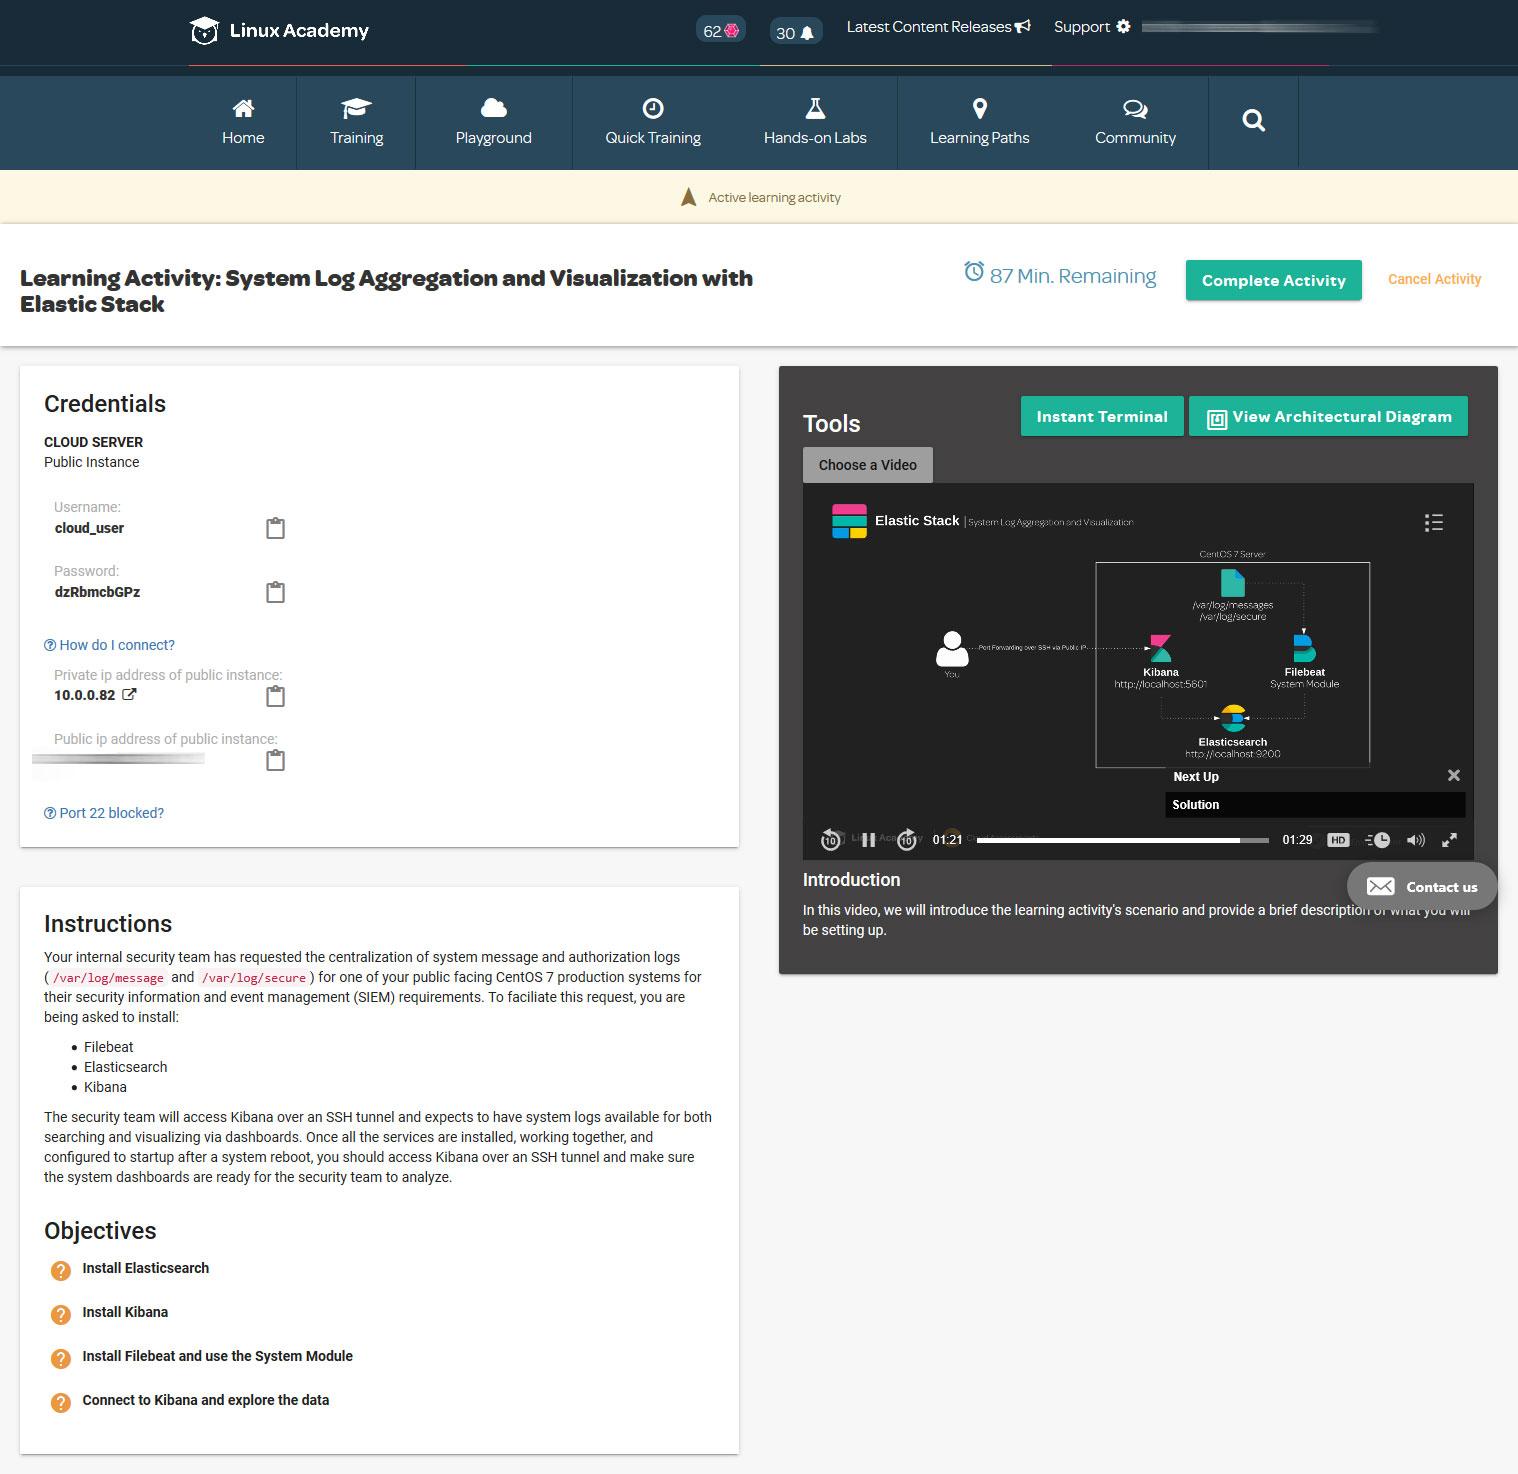 Screenshot - Handy-on Online-Fortbildung und Training über Elastis Stack